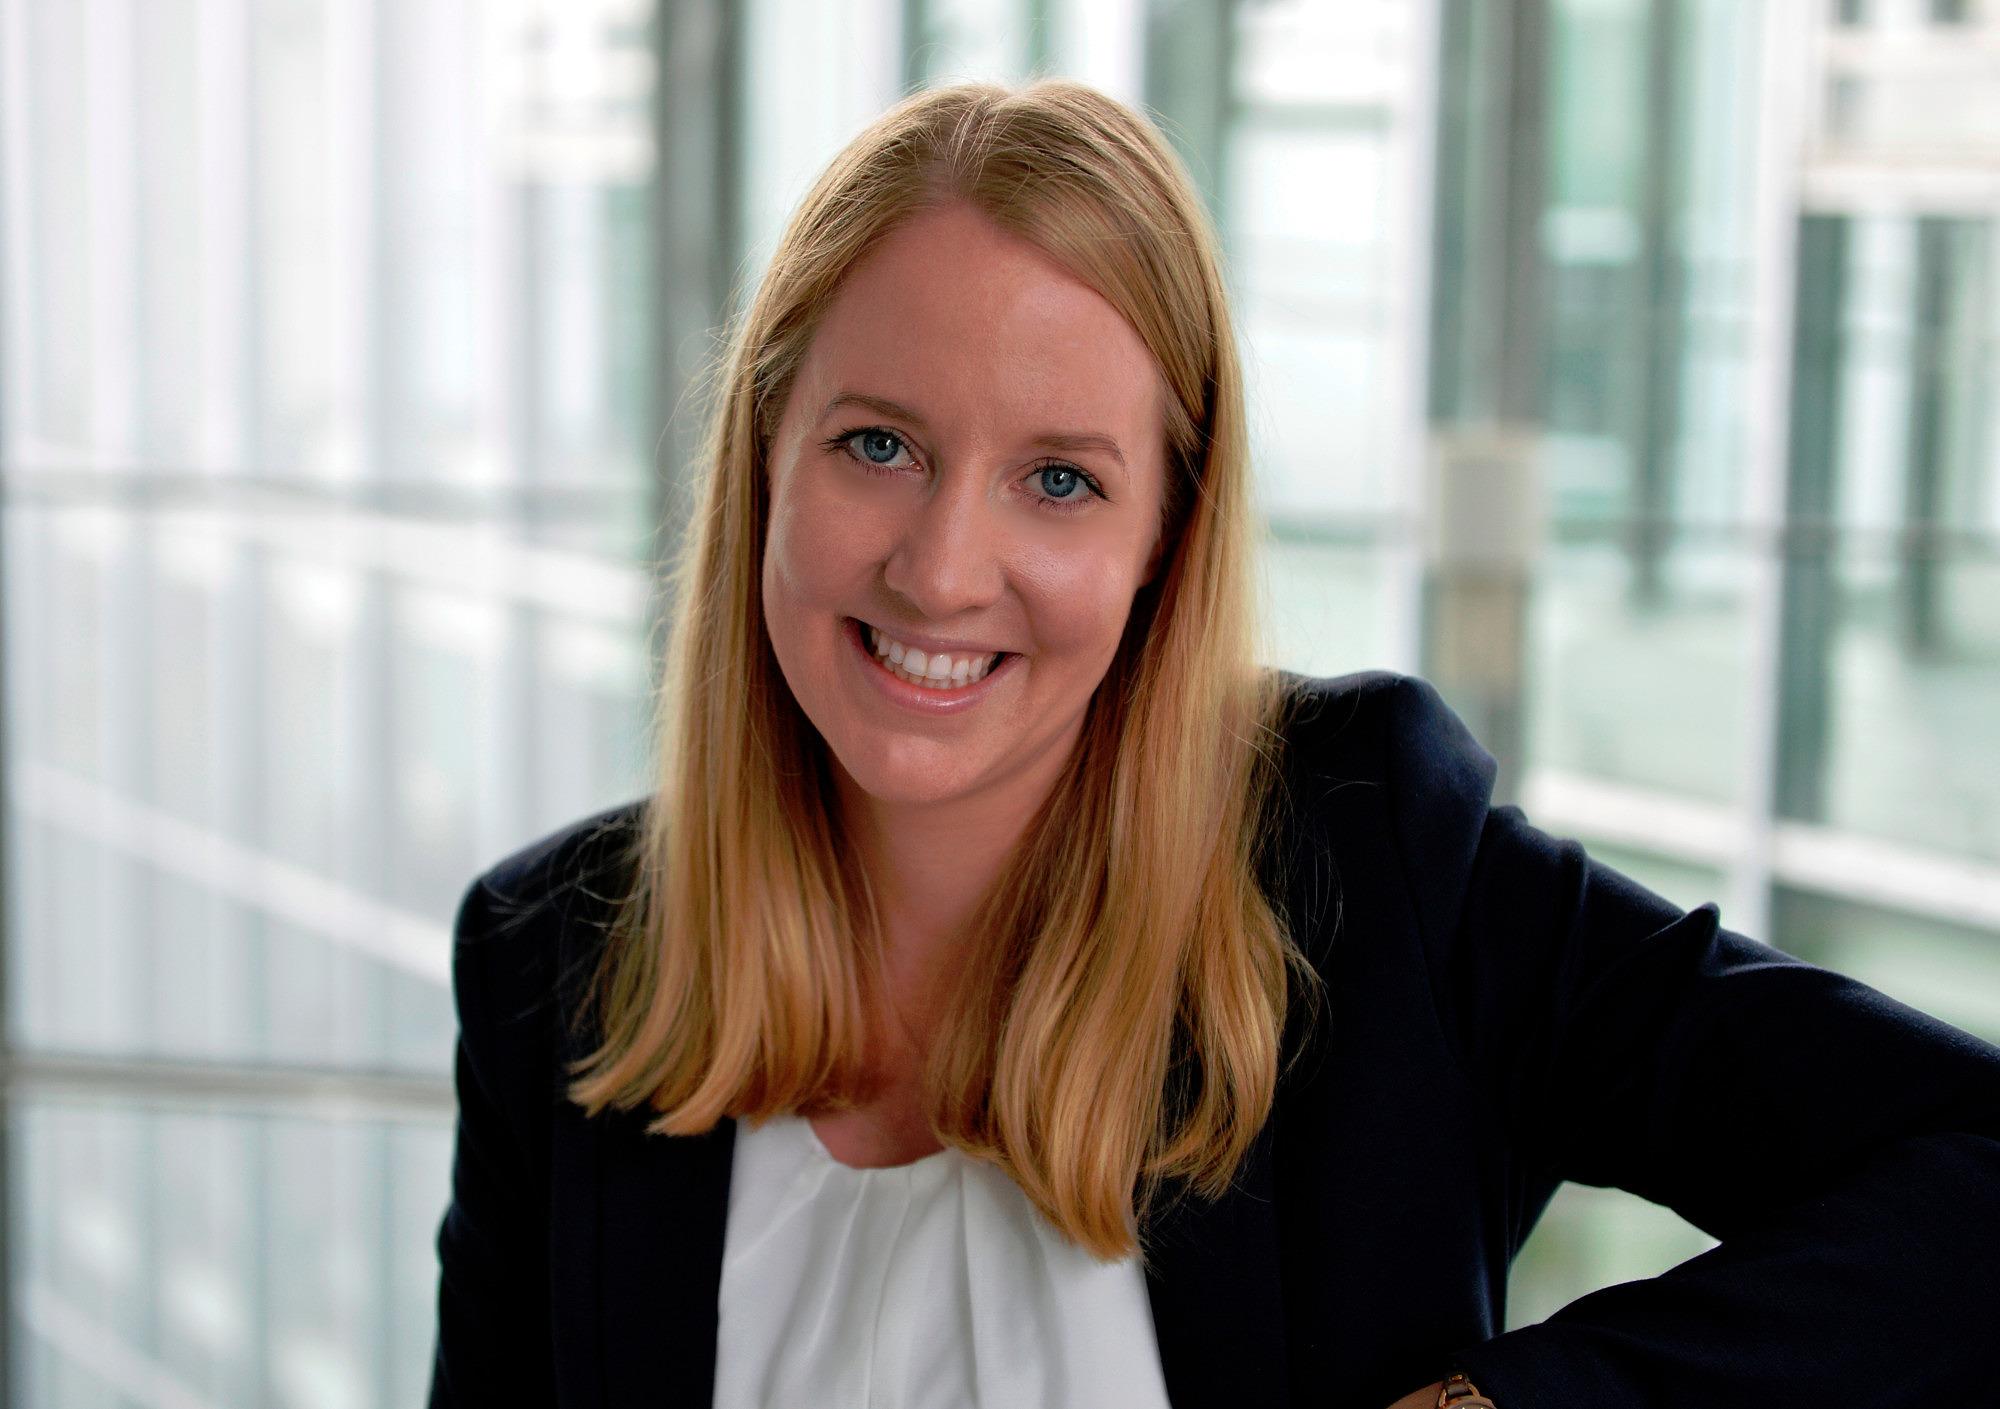 Dr. iur. Rhea Hoffmann